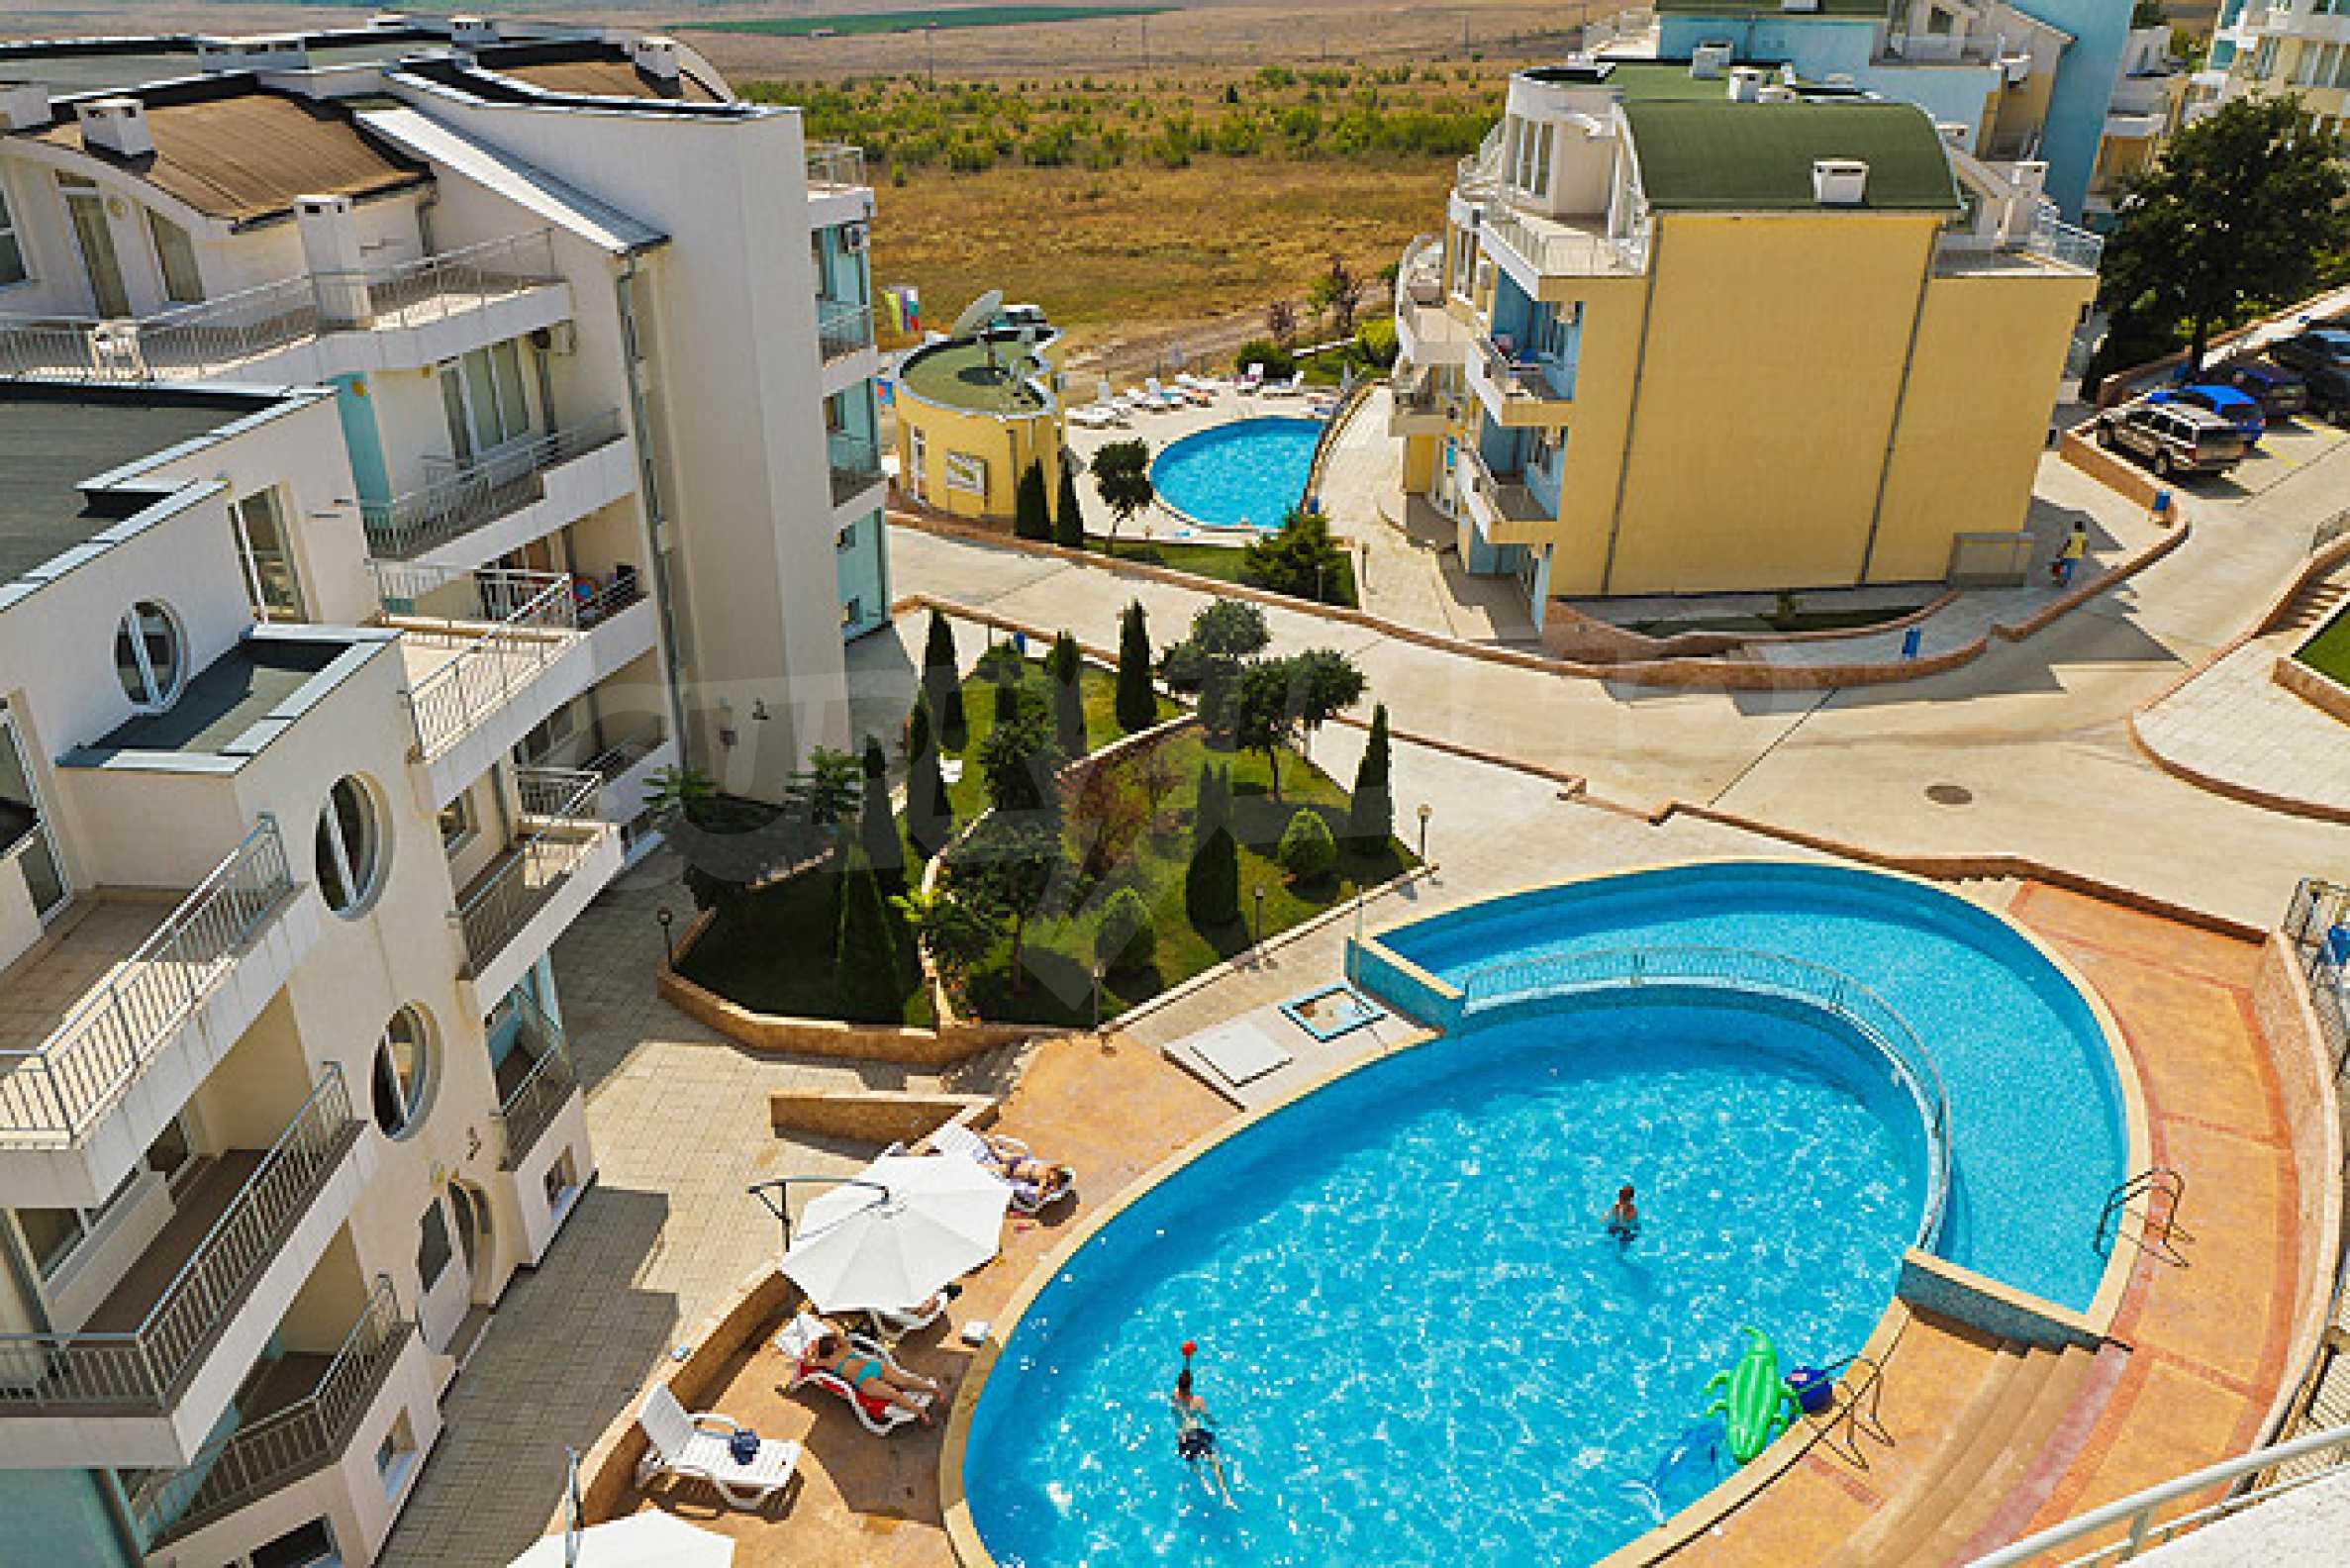 Sunset Kosharitsa - Apartments in einem attraktiven Berg- und Seekomplex, 5 Autominuten vom Sonnenstrand entfernt 35